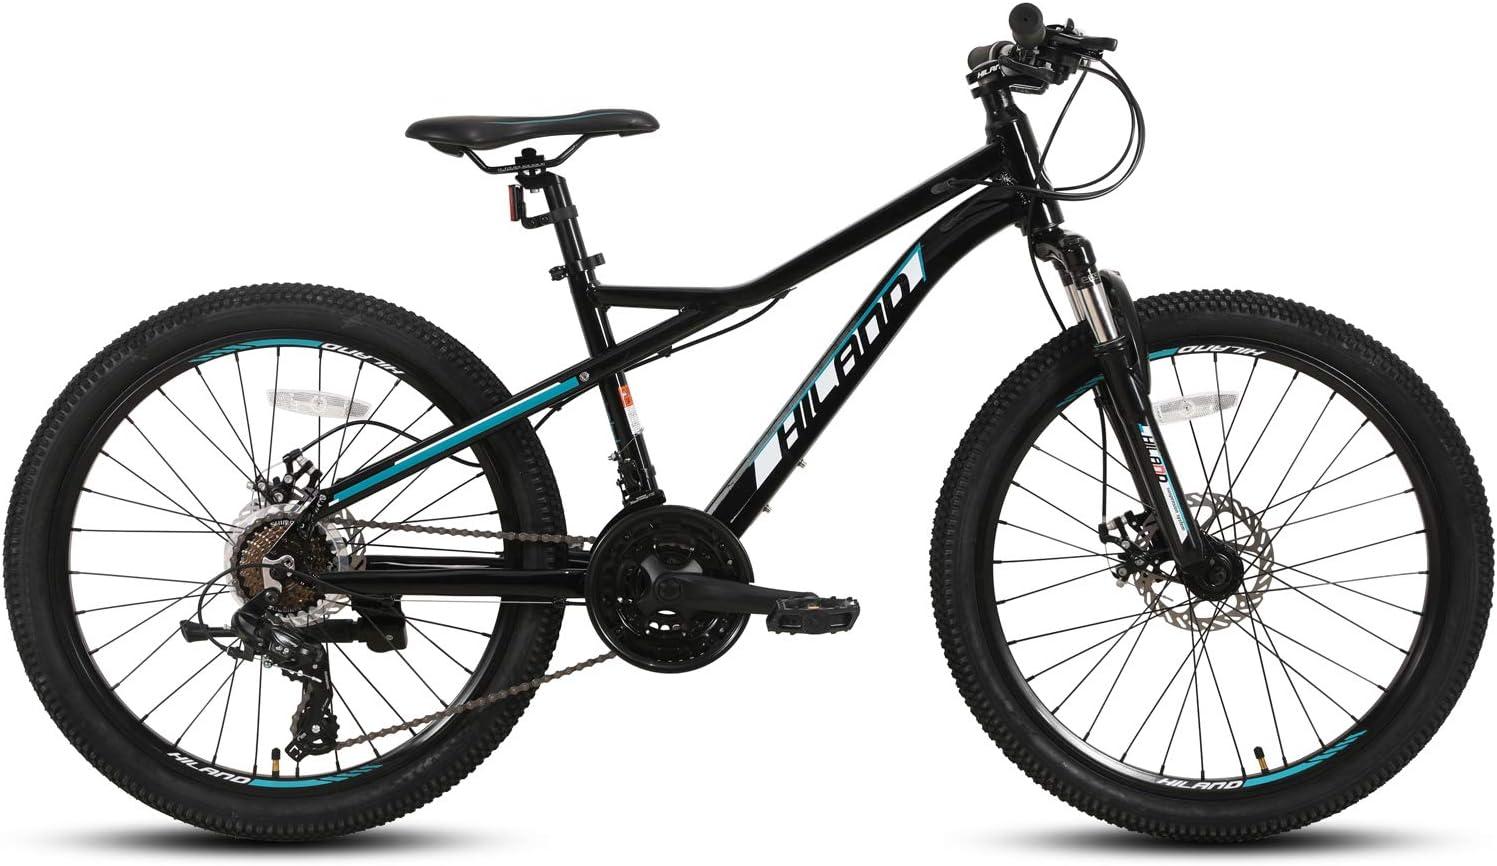 Hiland Bicicleta de montaña juvenil de 24/26/27,5 pulgadas, 21 velocidades, con horquilla de suspensión Urban Commuter City